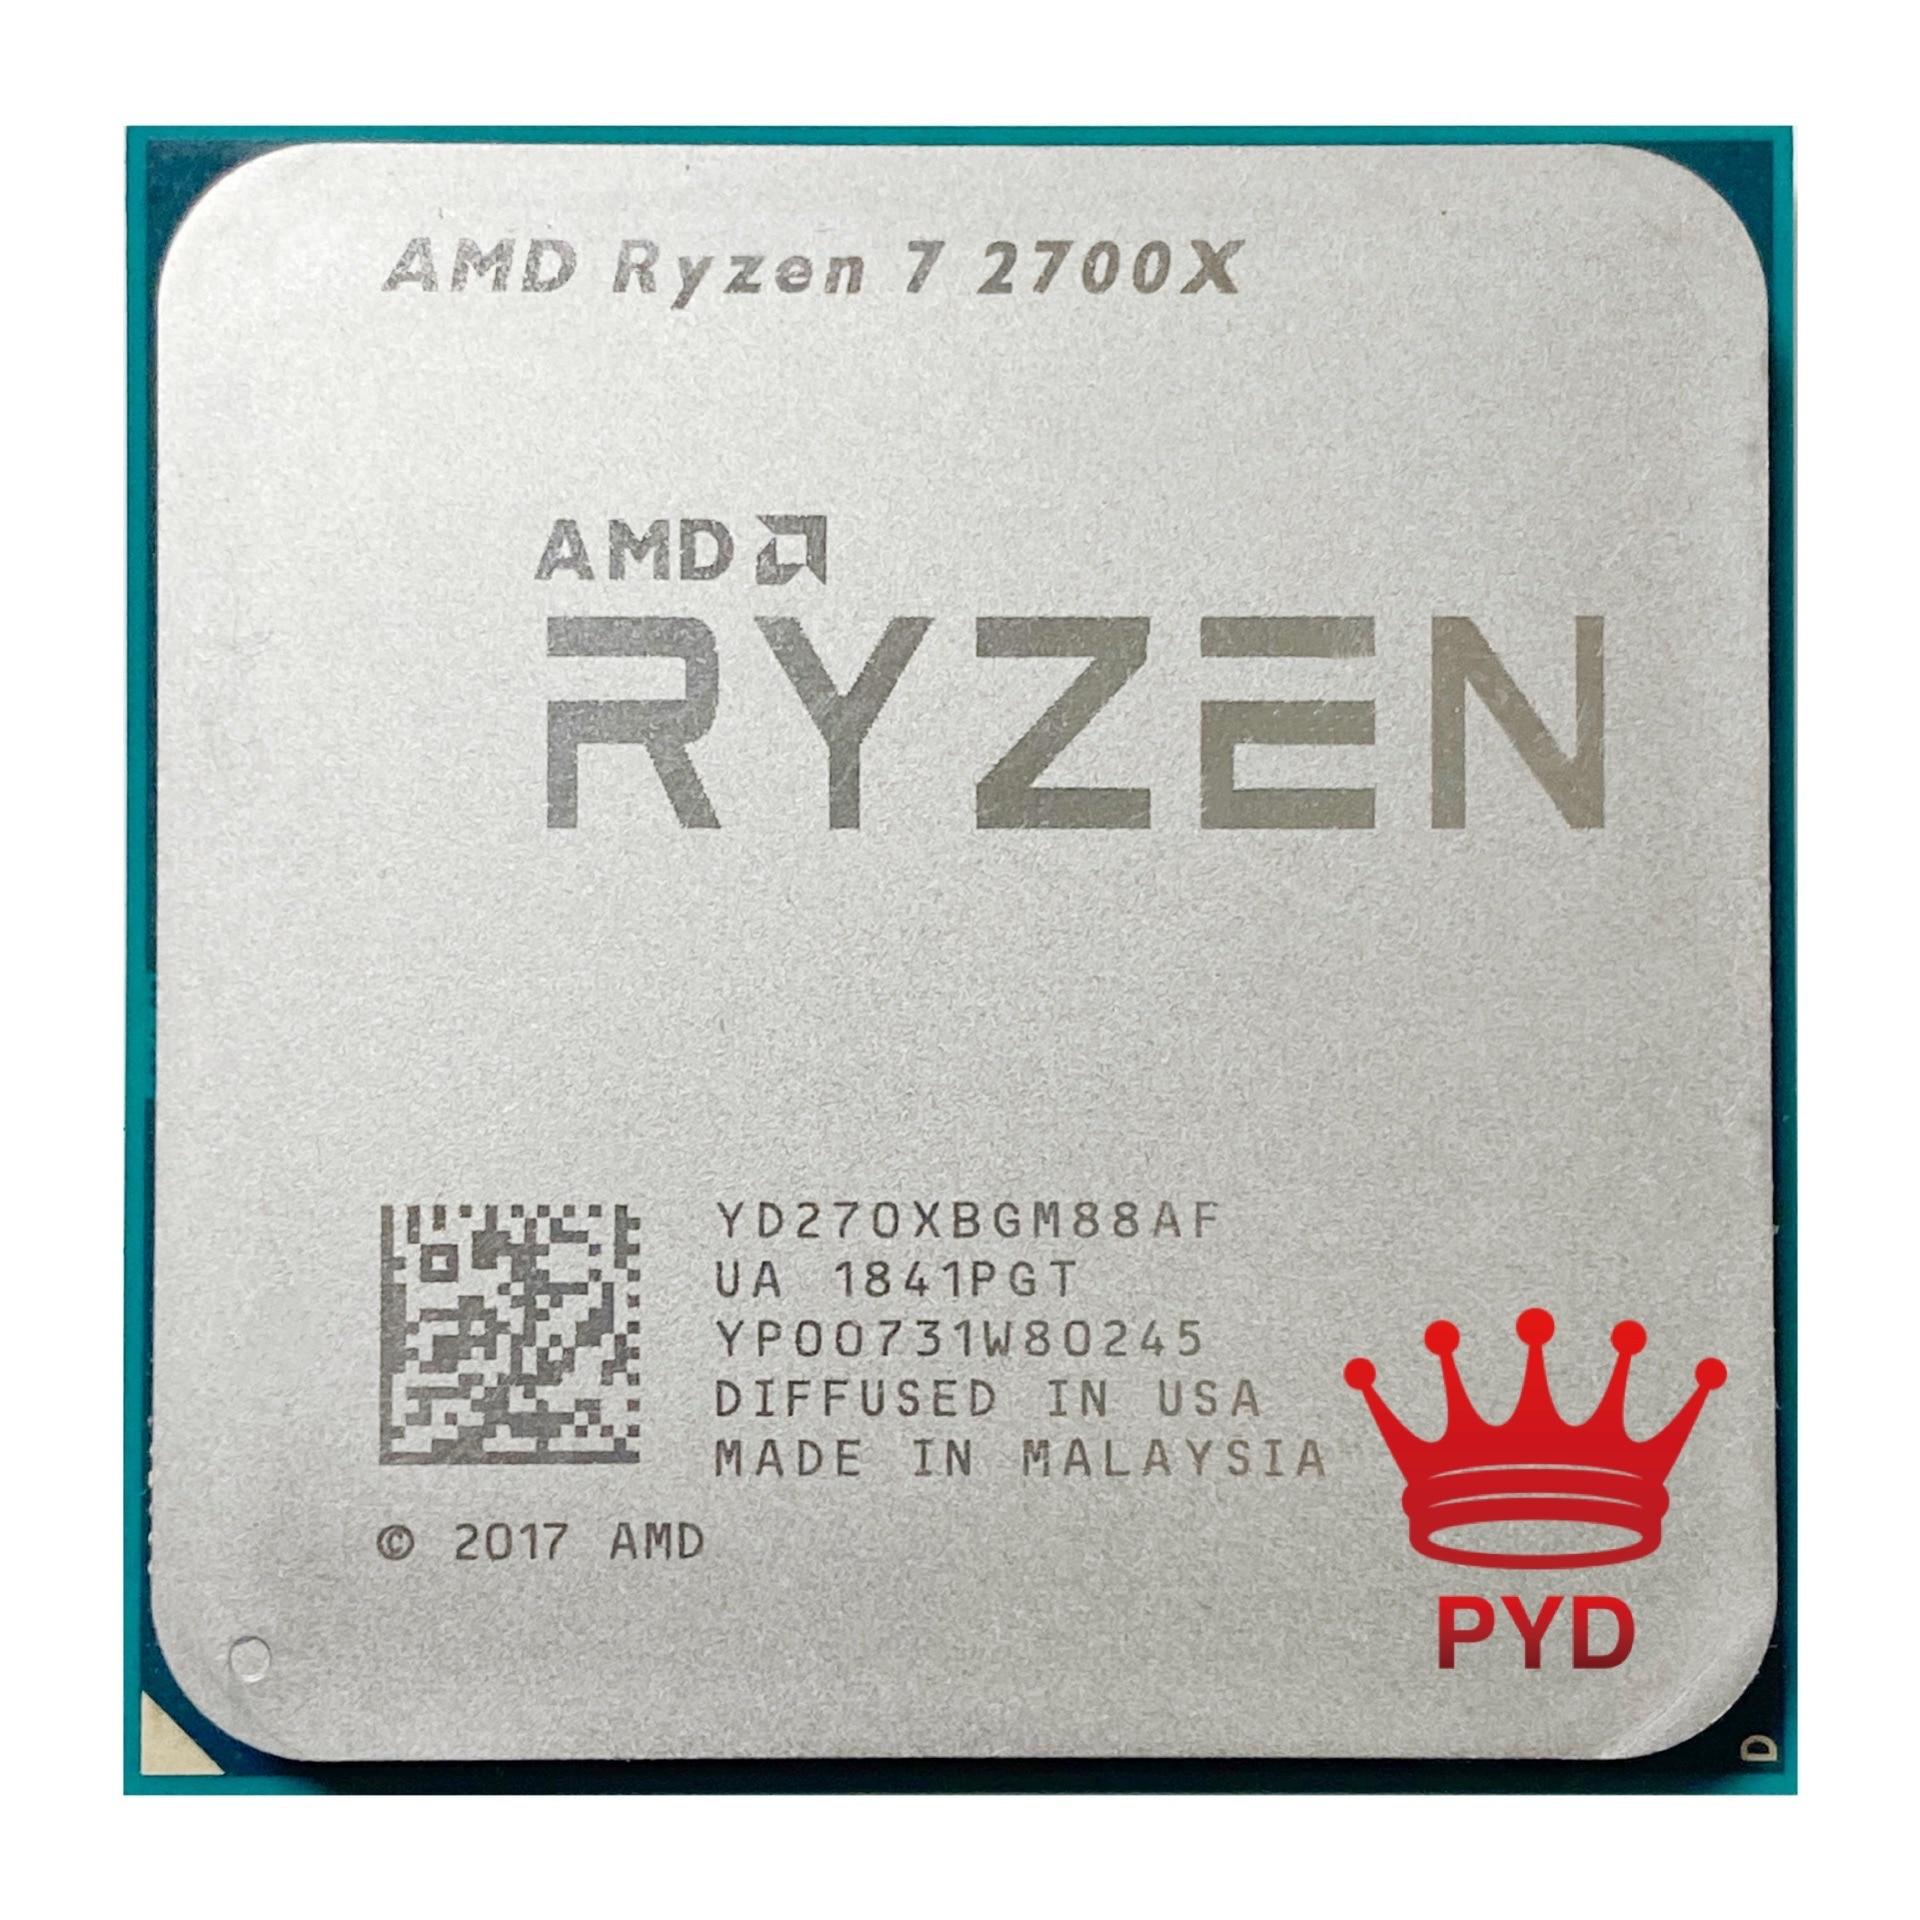 [해외] AMD-Ryzen 7 CPU 프로세서 2700X R7 2700X 3.7GHz 에잇 코어 식스틴 스레드 16M 105W 소켓 AM4, YD270XBGM88AF